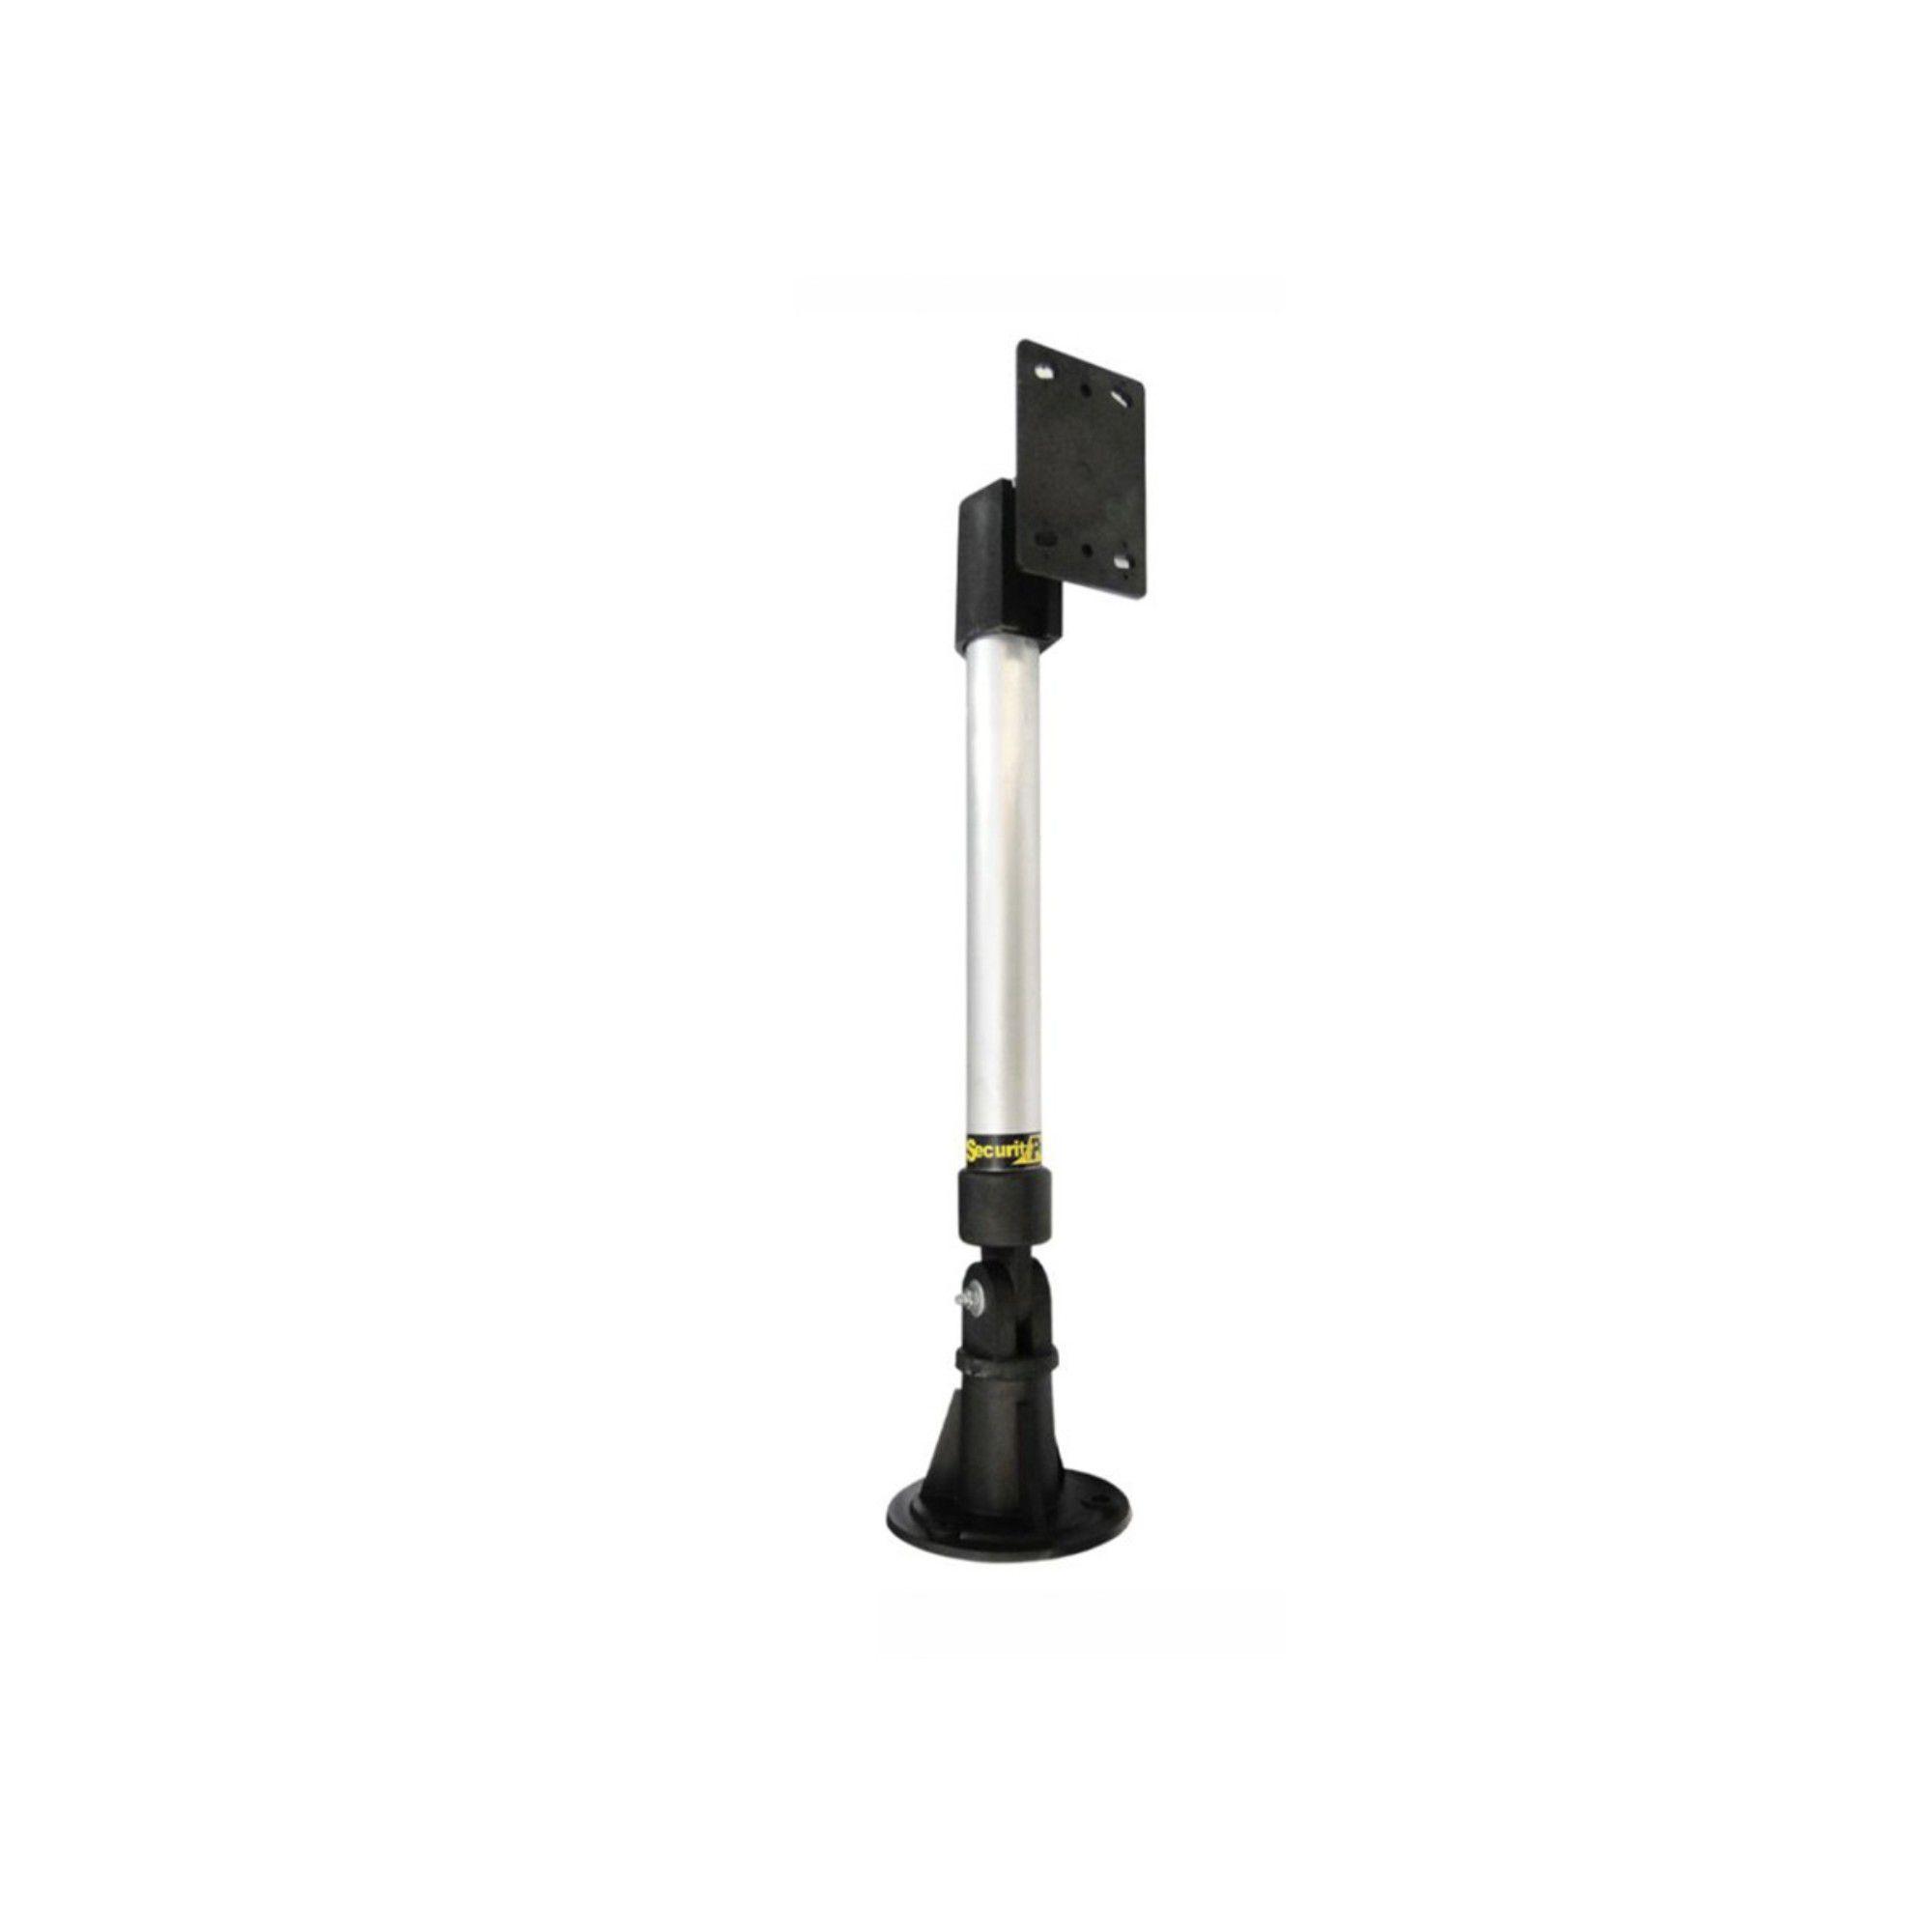 Suporte Siba Alumínio P/ Câmera e Sensor de Barreira C/ 40cm